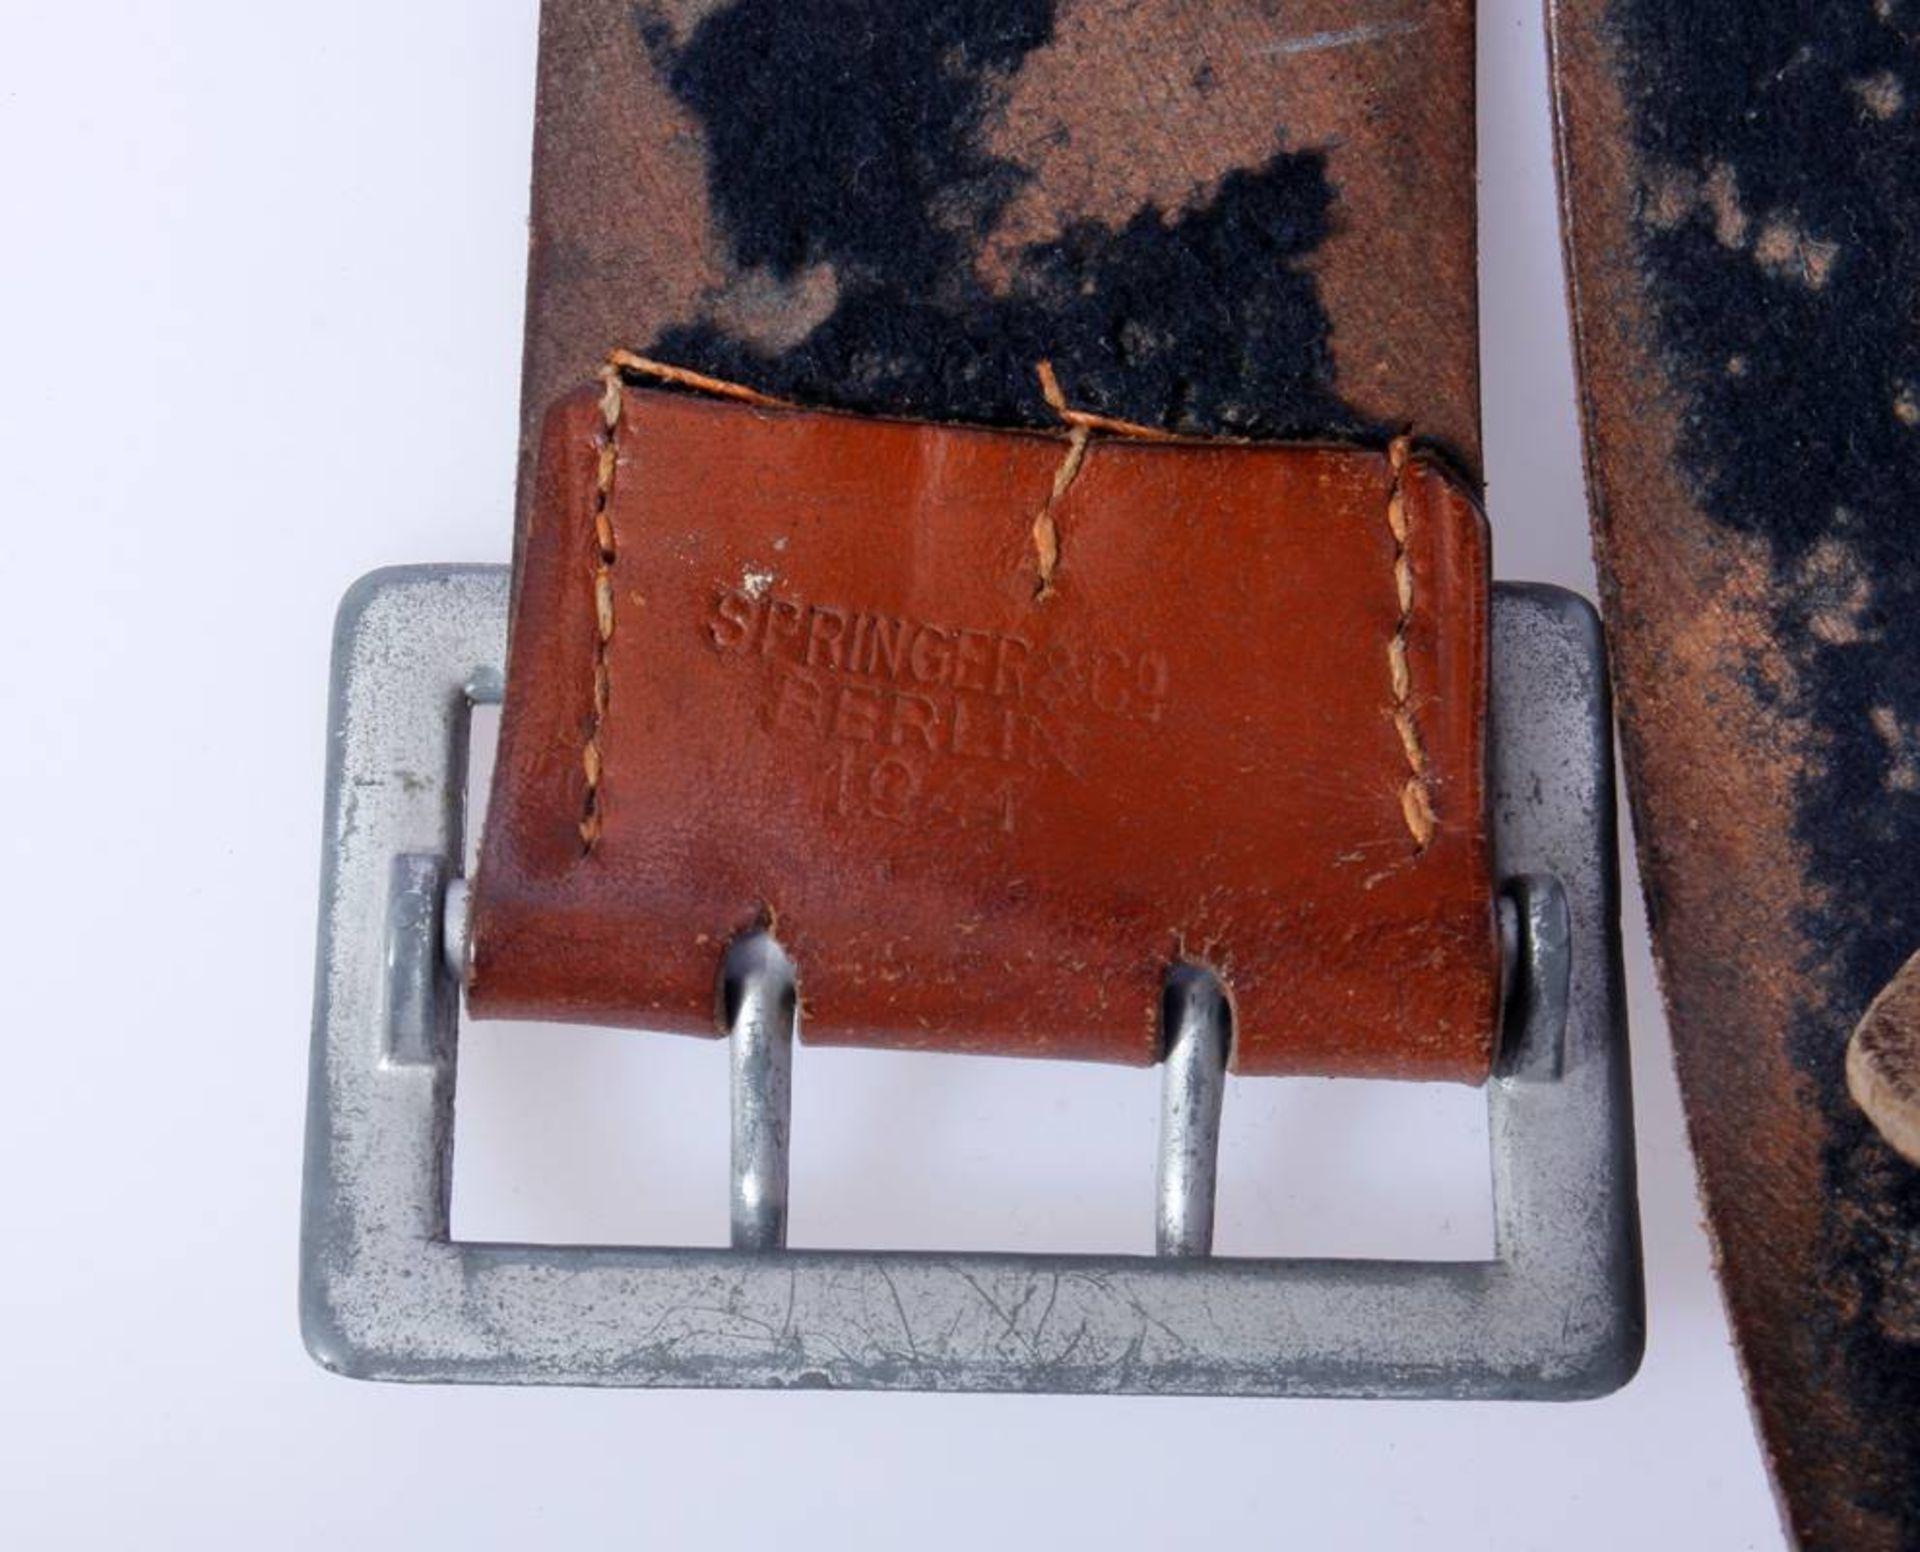 2 x Koppel für Offiziere der Wehrmacht2 x Koppel für Offiziere mit Aluminium Schließen, Leder - Bild 6 aus 7